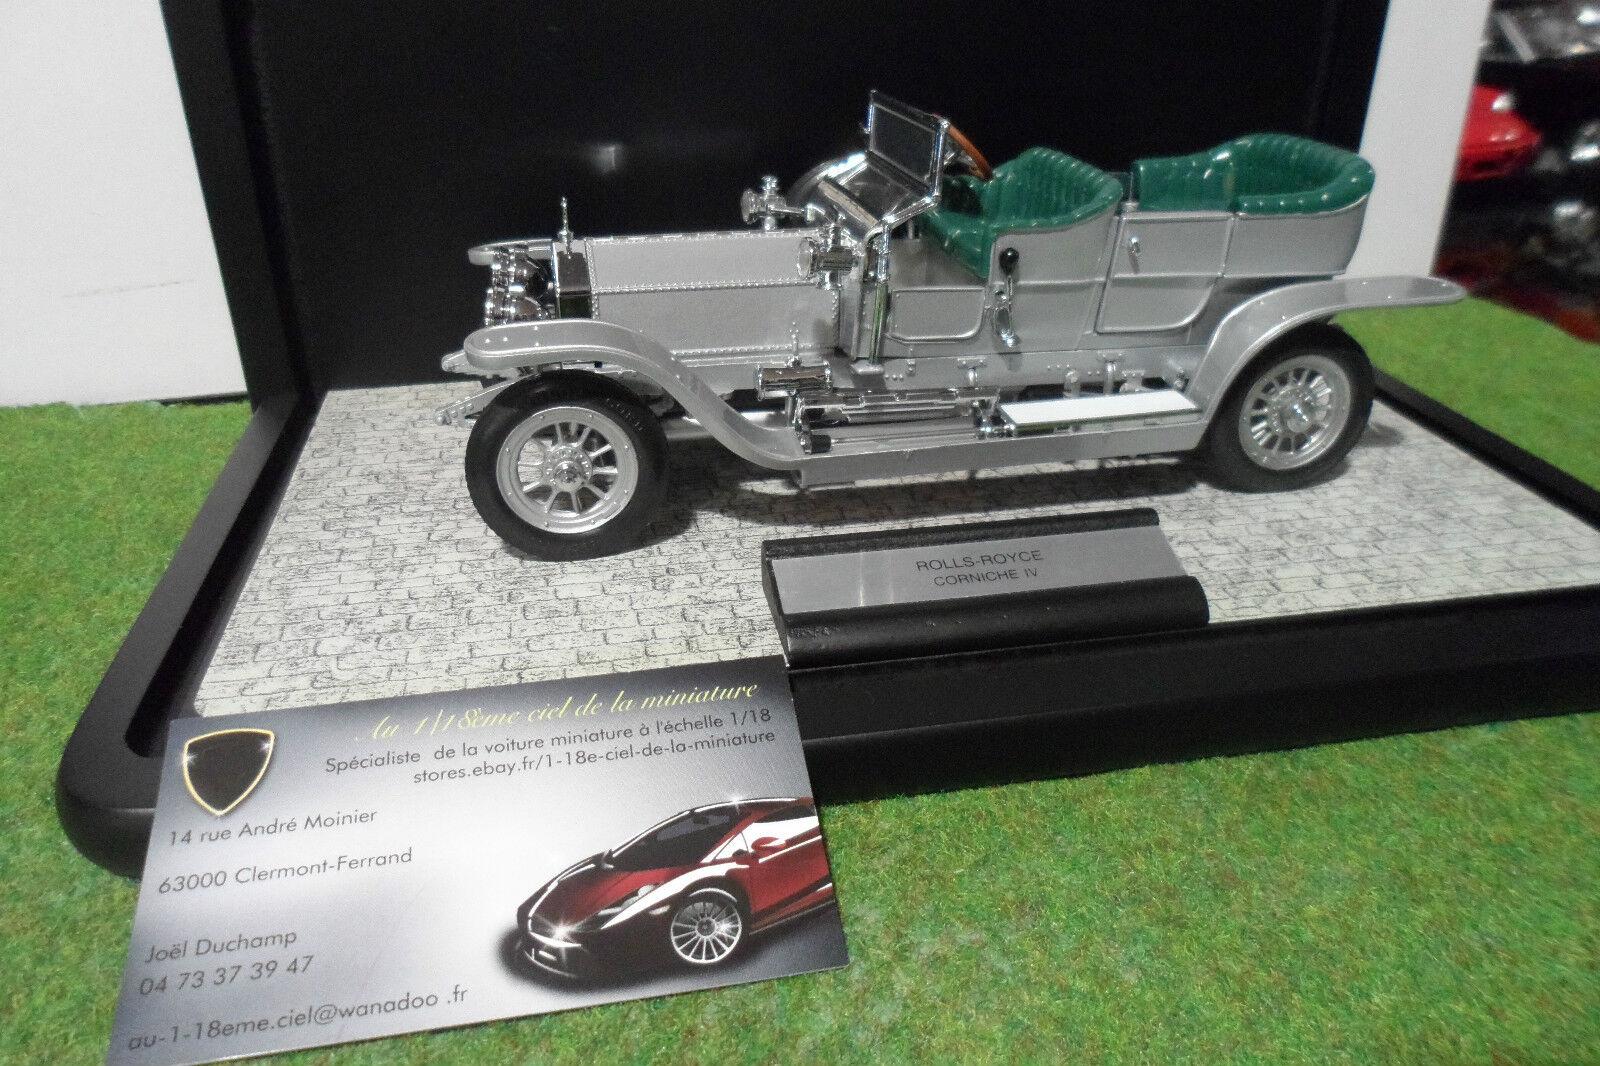 Las ventas en línea ahorran un 70%. ROLLS ROYCE ROYCE ROYCE  plata GHOST 1907 + vitrine au 1 24 FRANKLIN MINT voiture miniature  ventas en linea